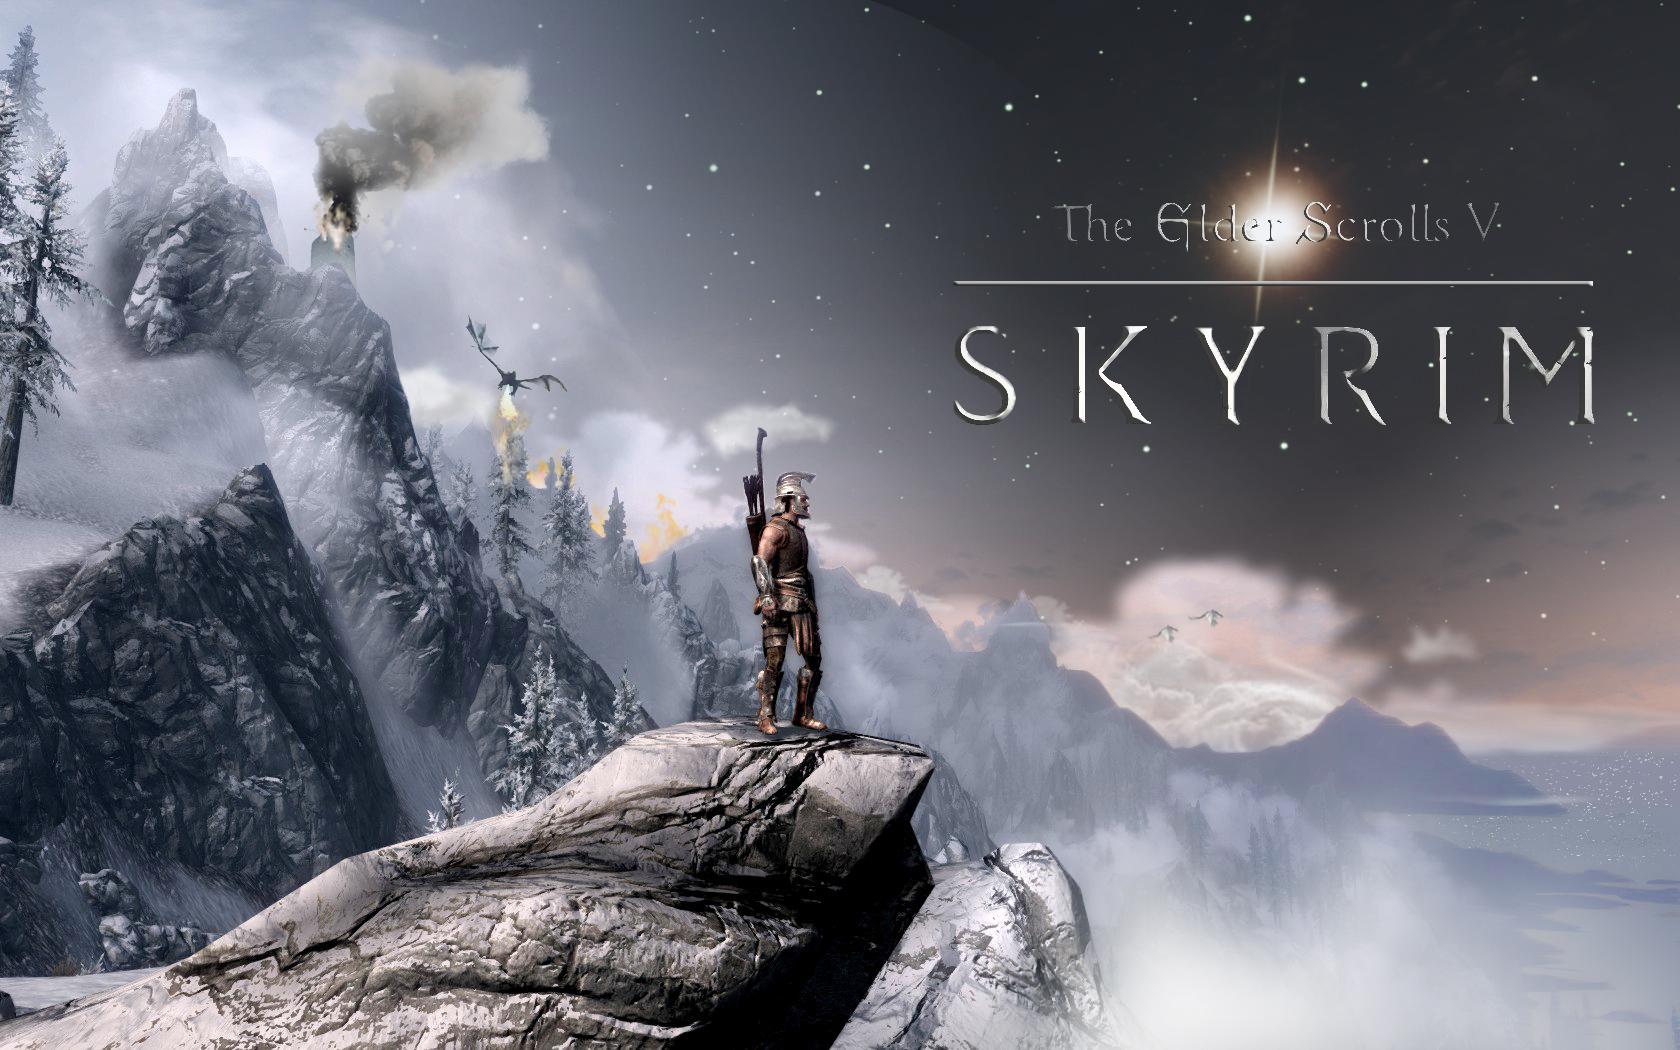 The Elder Scrolls V: Skyrim Wallpaper by jonnysonny on